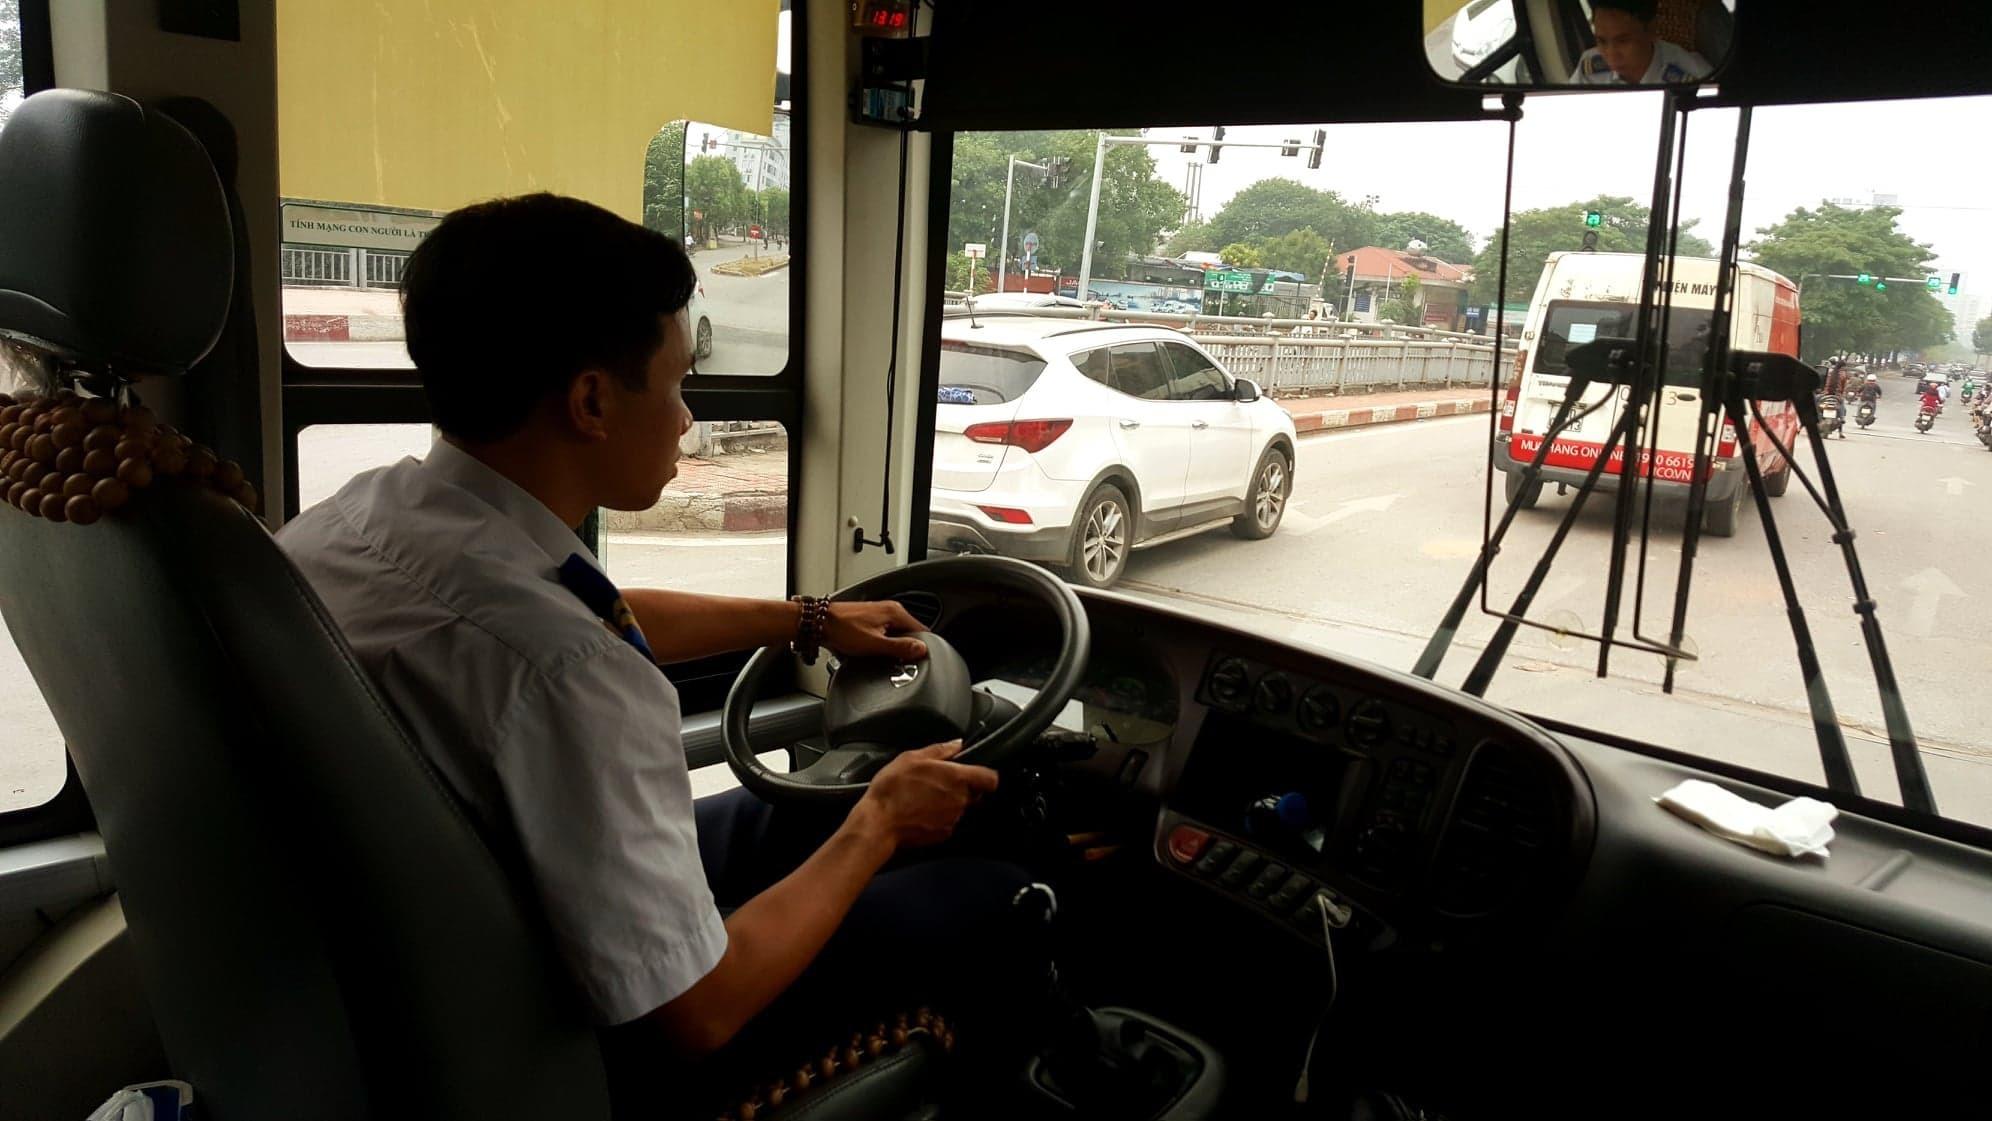 Phụ xe,Xe buýt,Góc khuất nghề